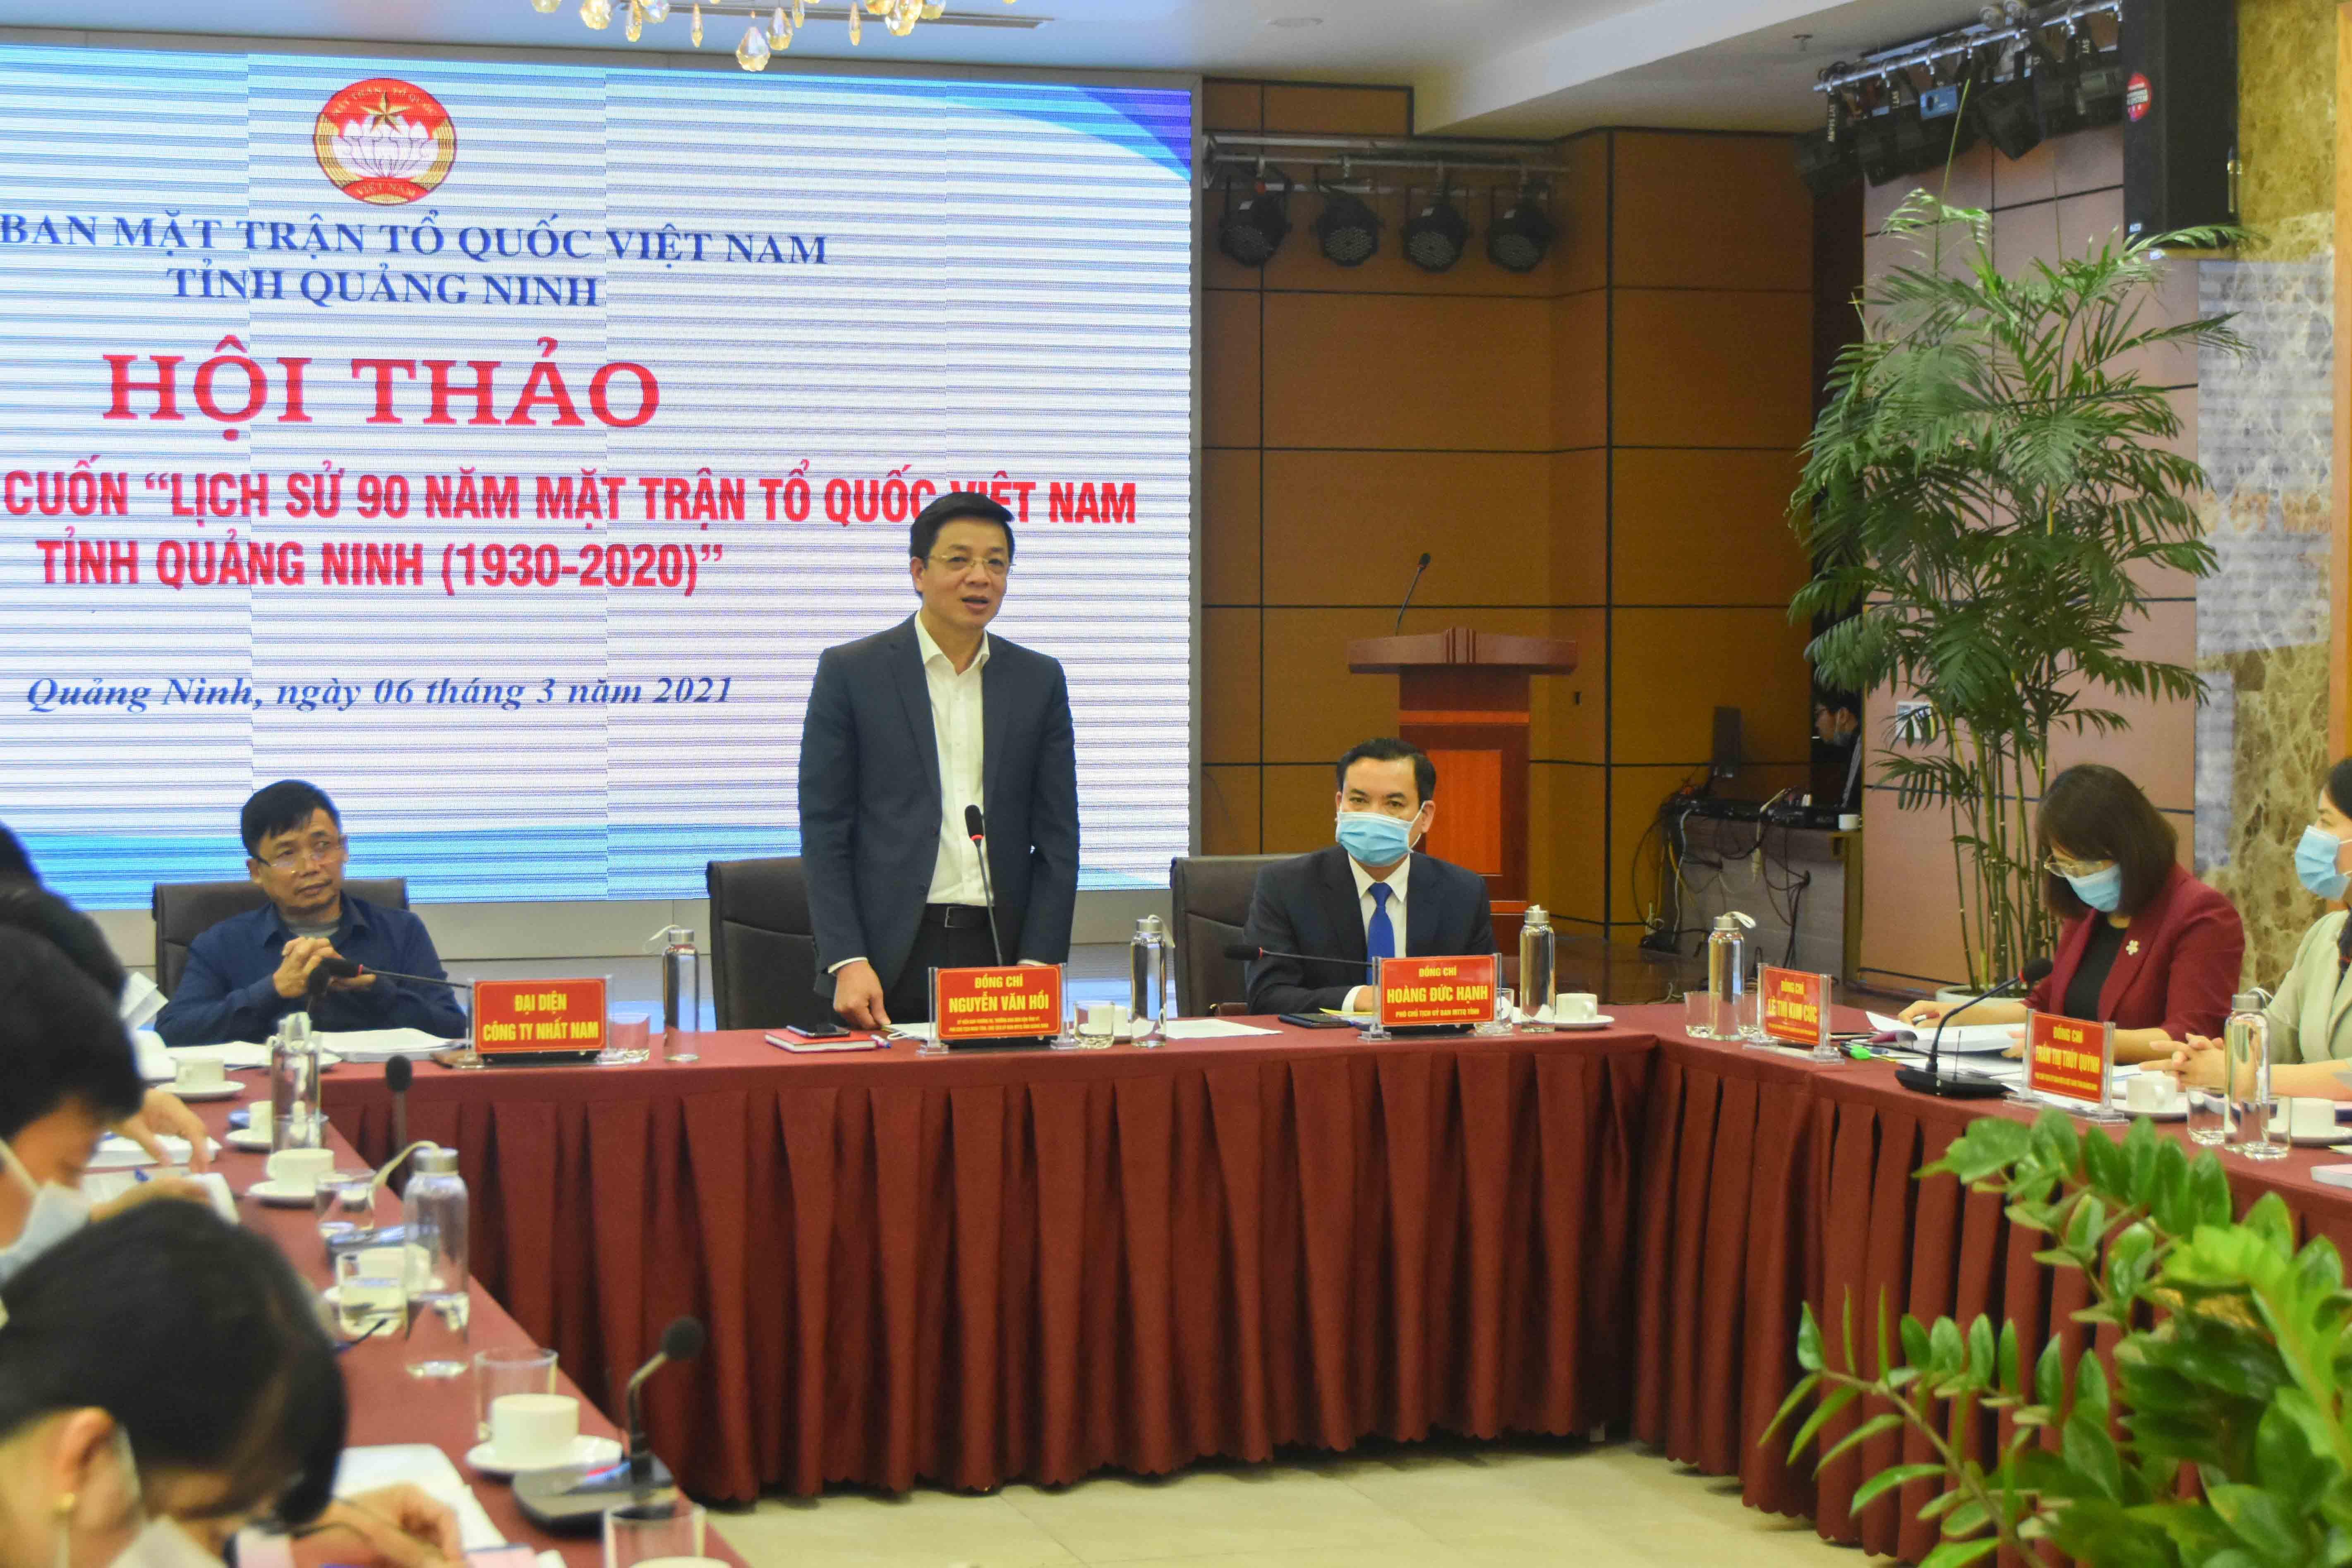 Đồng chí Nguyễn Văn Hồi, Trưởng Ban Dân vận Tỉnh ủy, Phó Chủ tịch HĐND tỉnh, Chủ tịch Ủy ban MTTQ tỉnh, phát biểu khai mạc hội thảo.